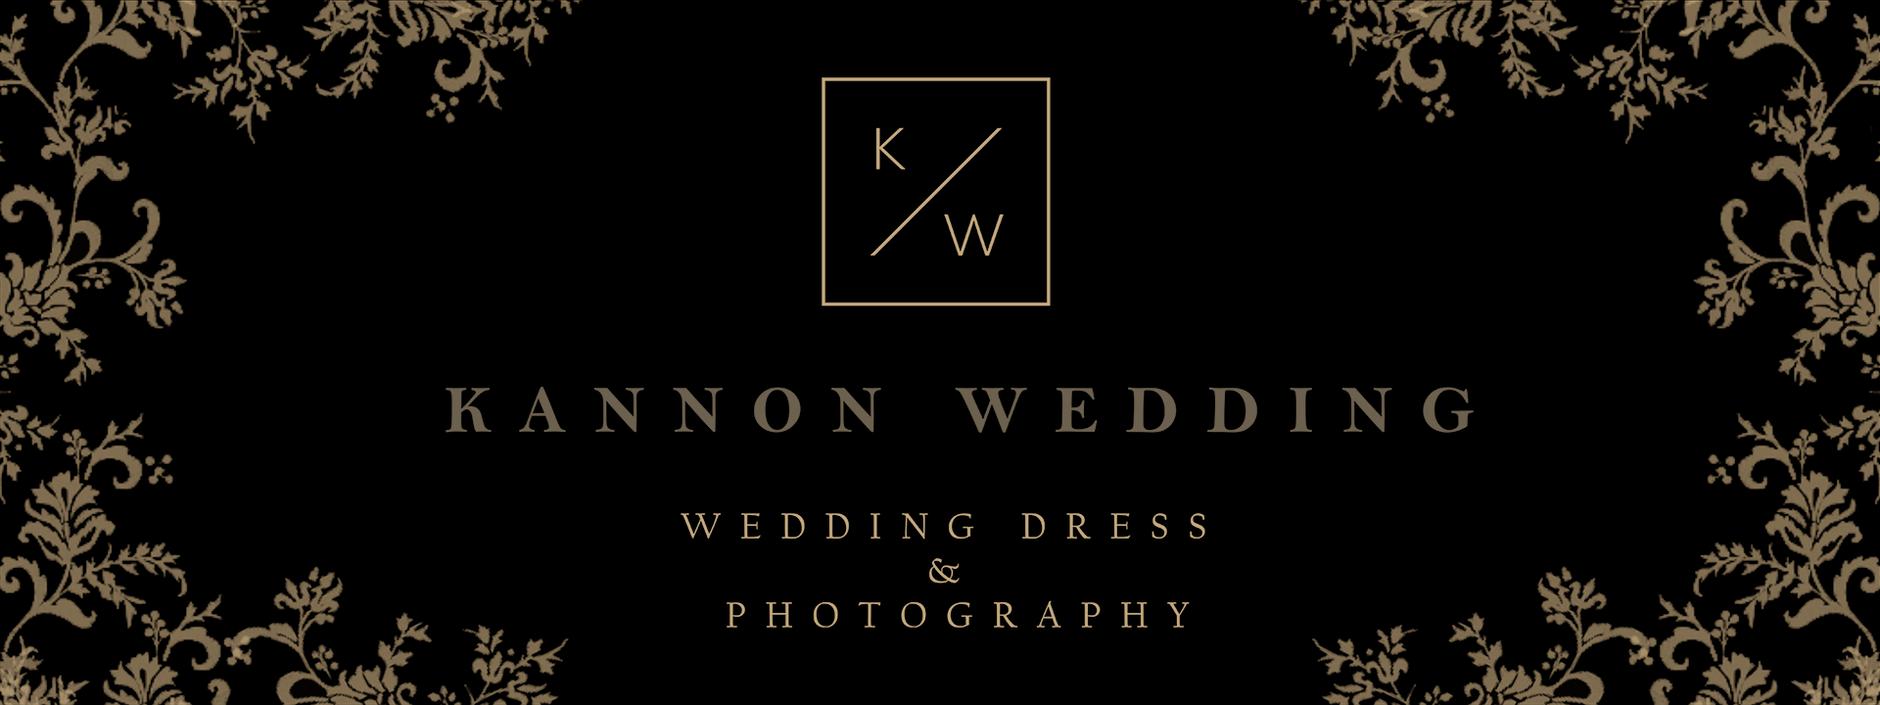 kannon wedding bouquet